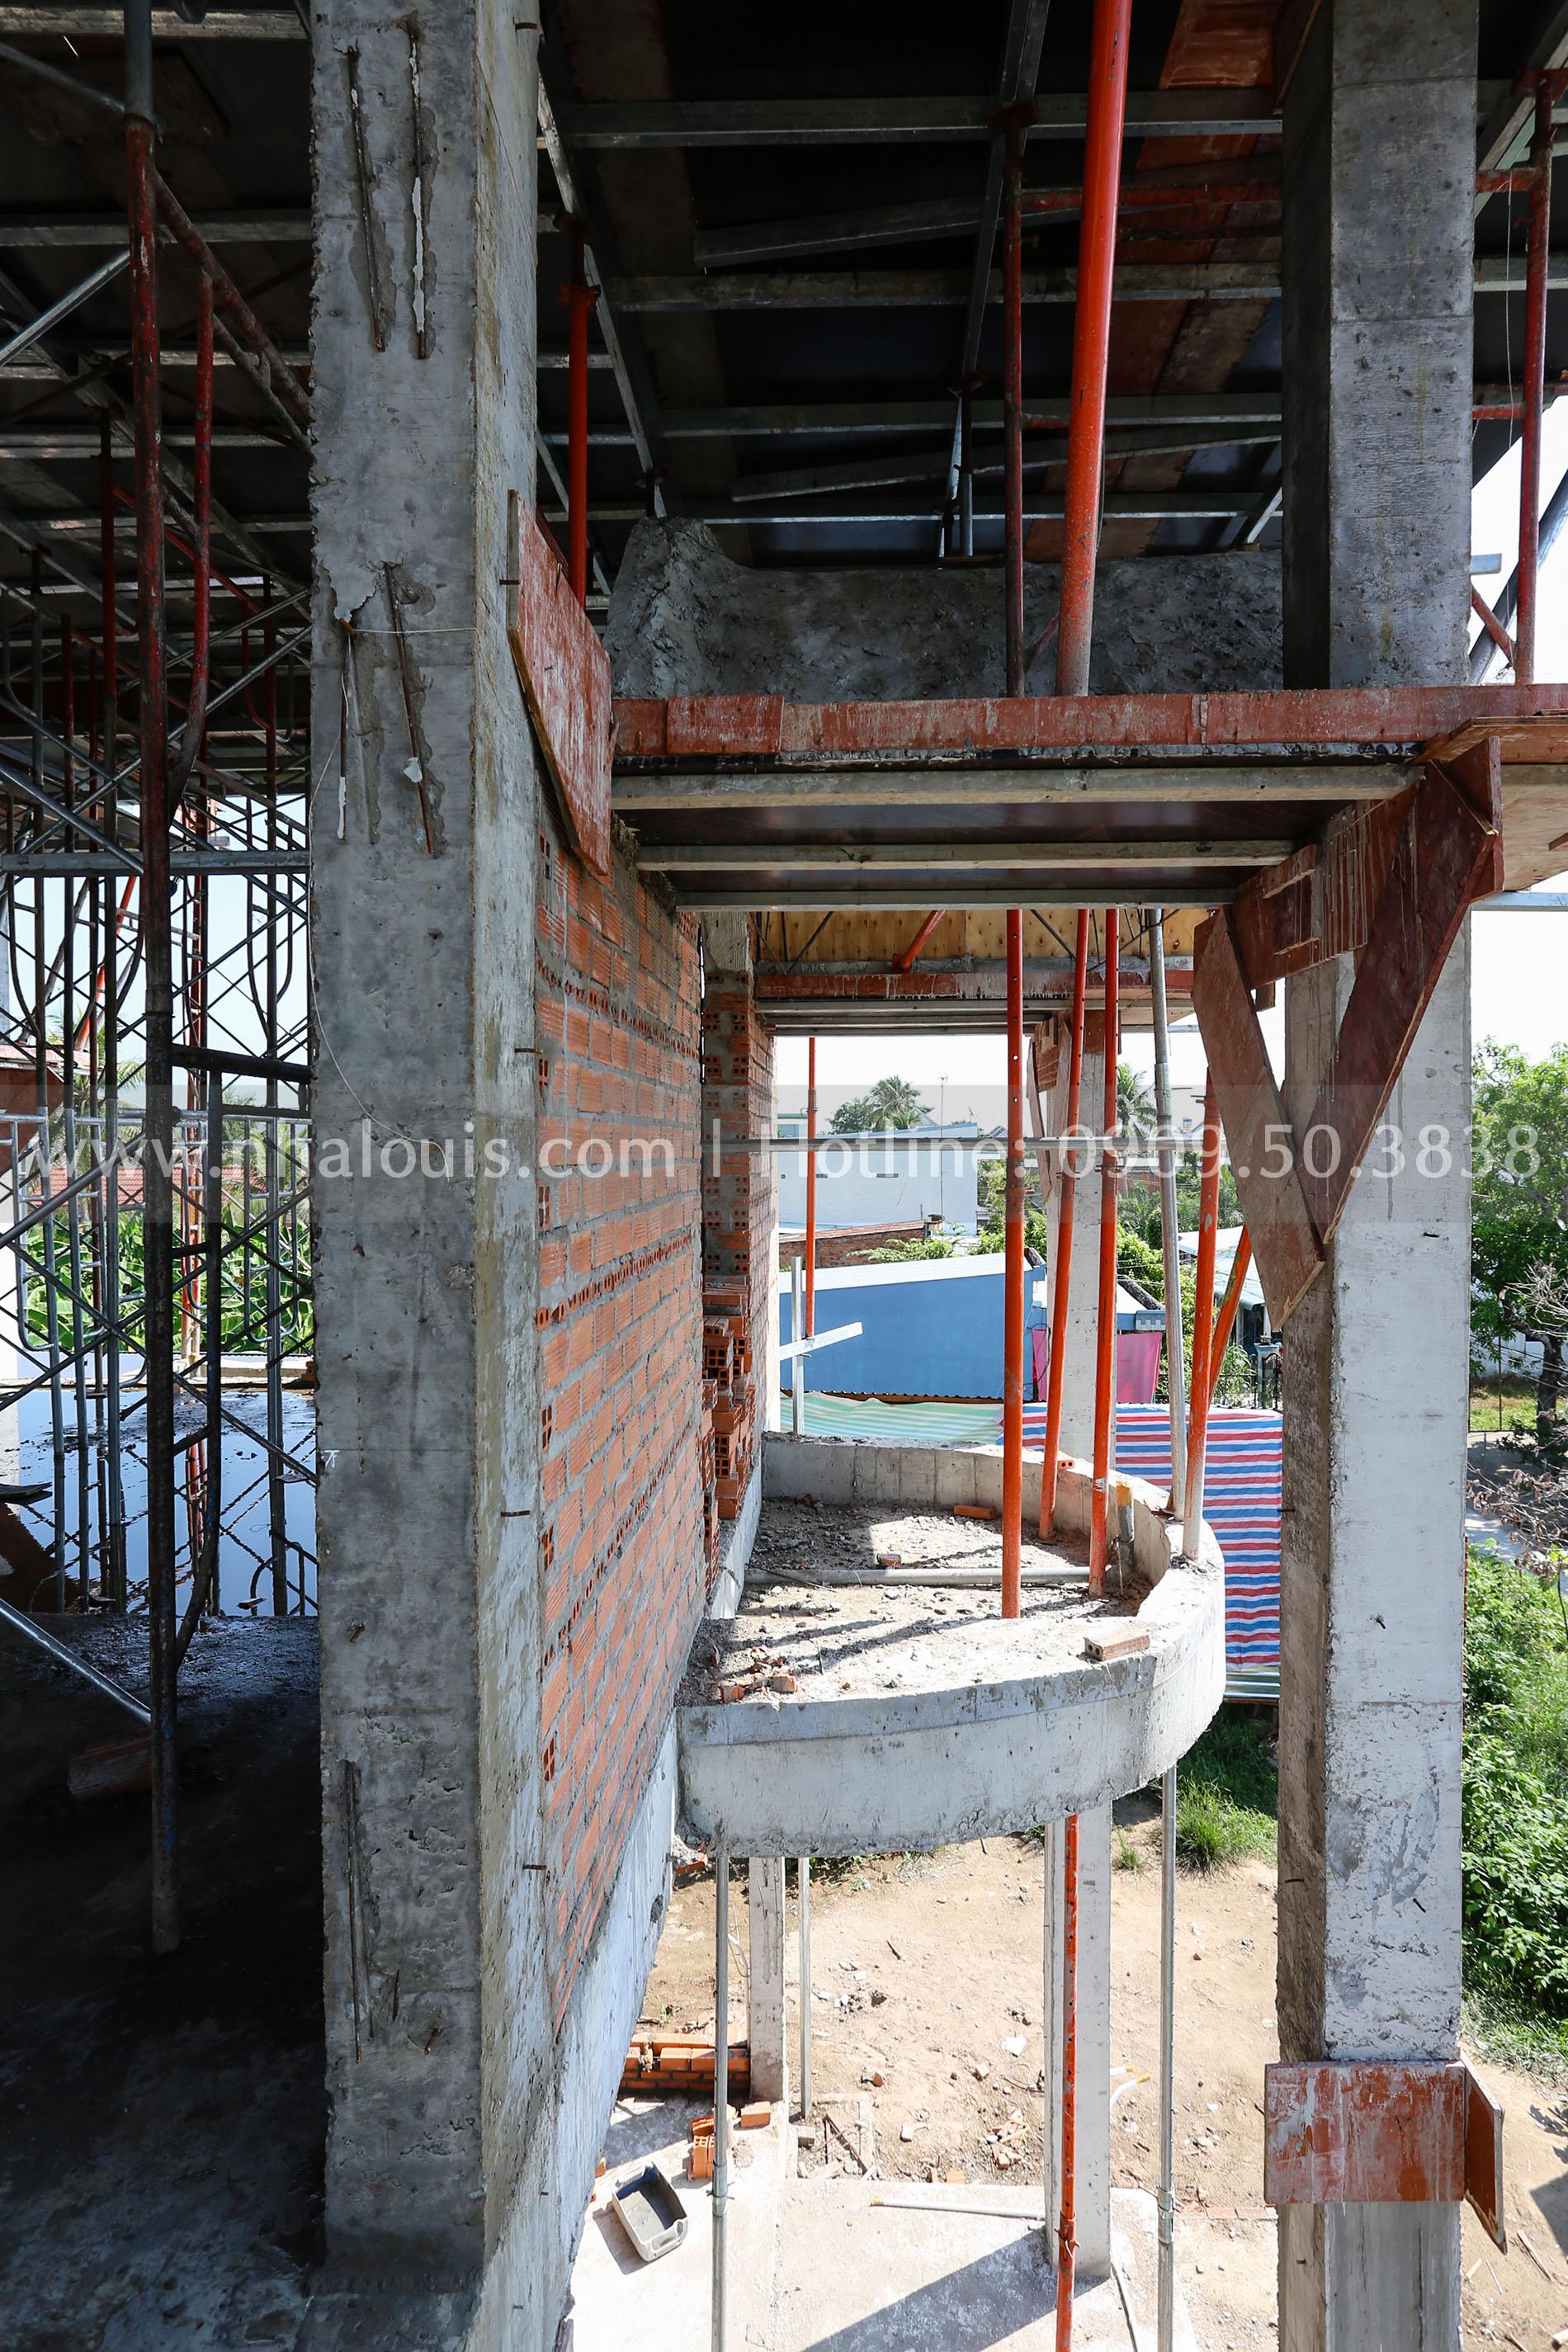 Đổ bê tông mái biệt thự 1 trệt 1 lầu tân cổ điển tại Tiền Giang